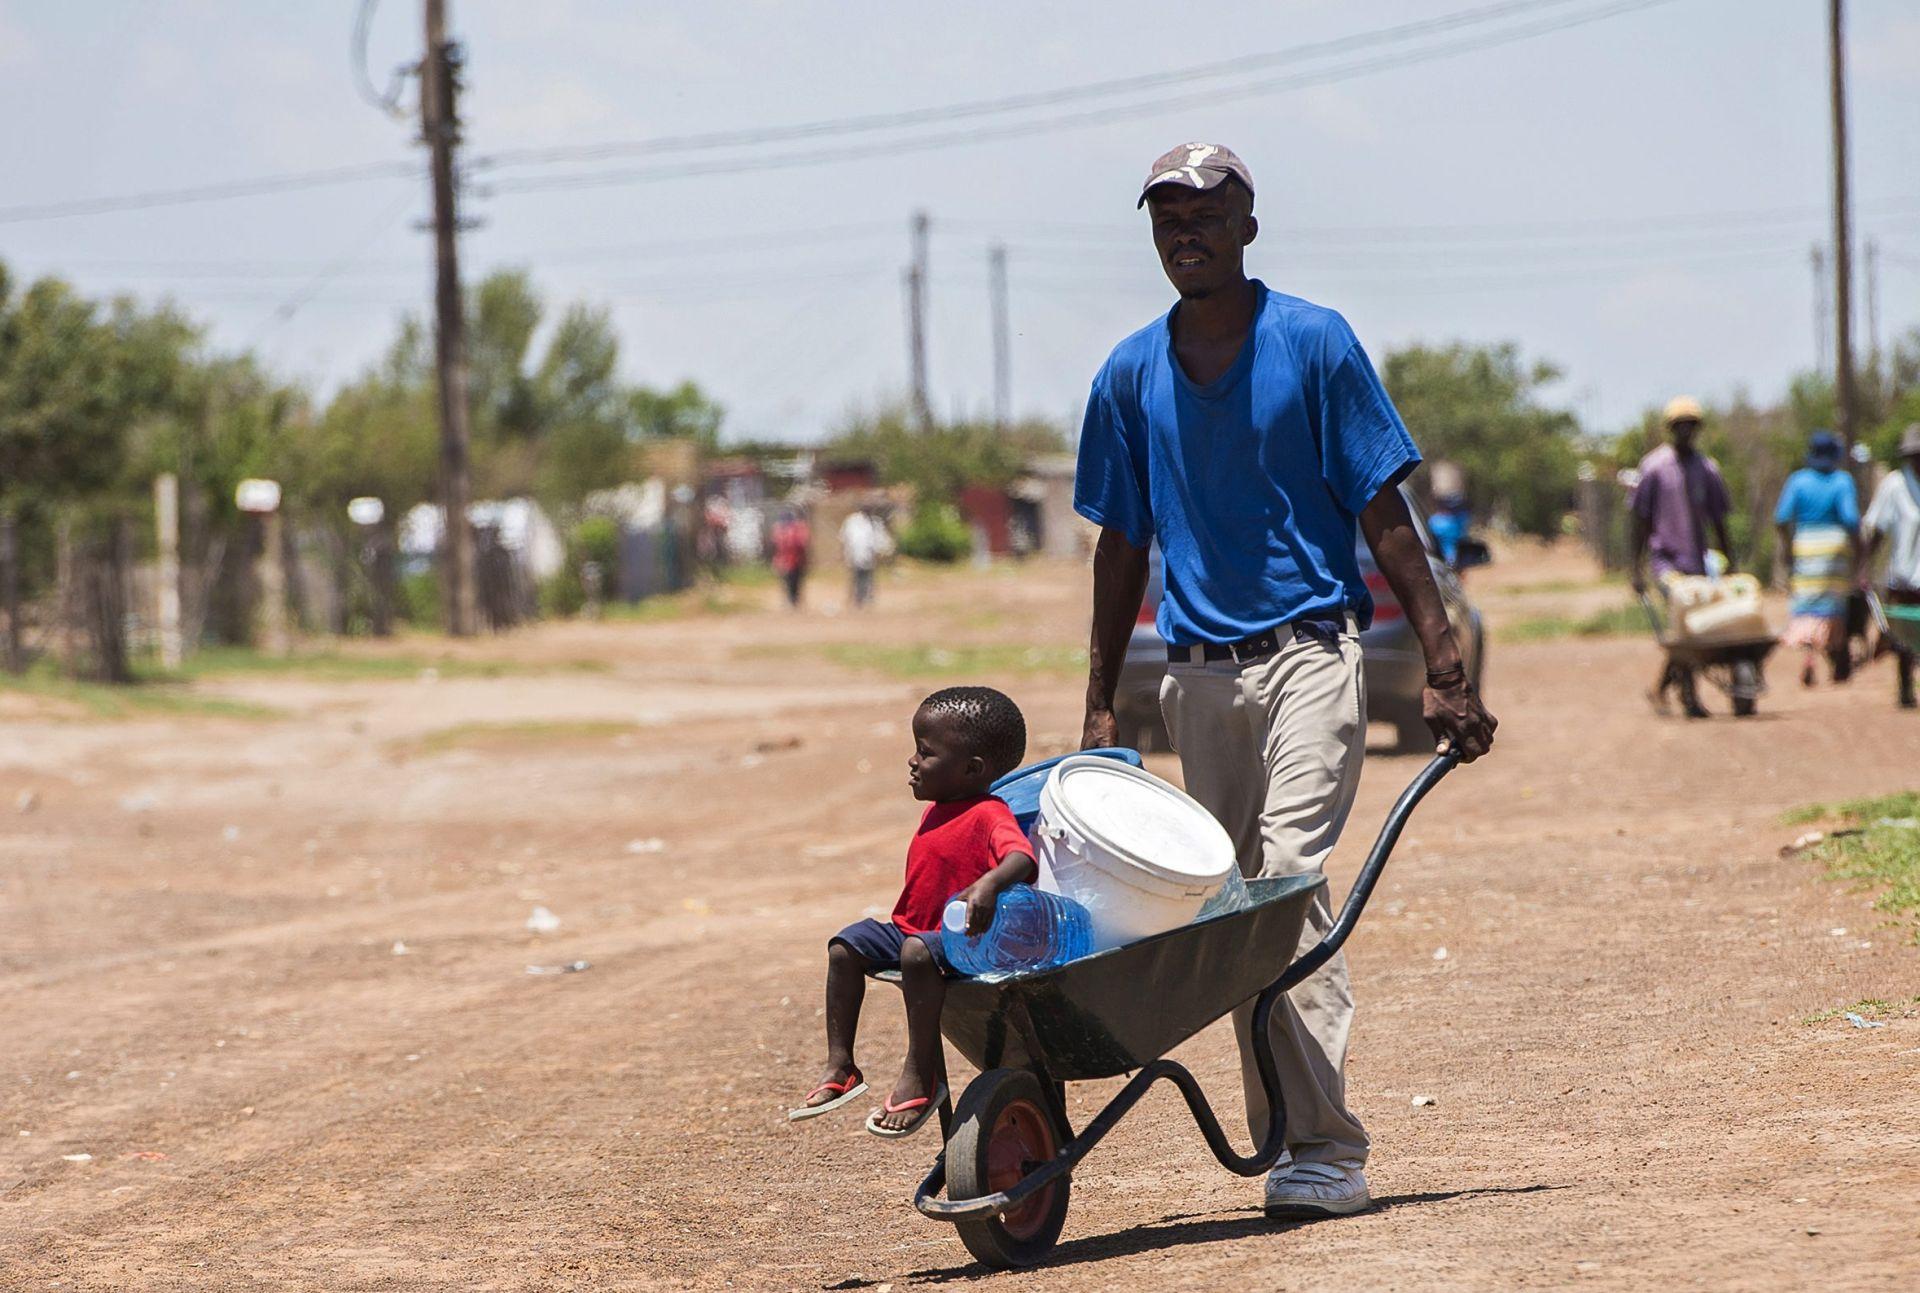 Kenija proglasila stanje nacionalne katastrofe zbog suše